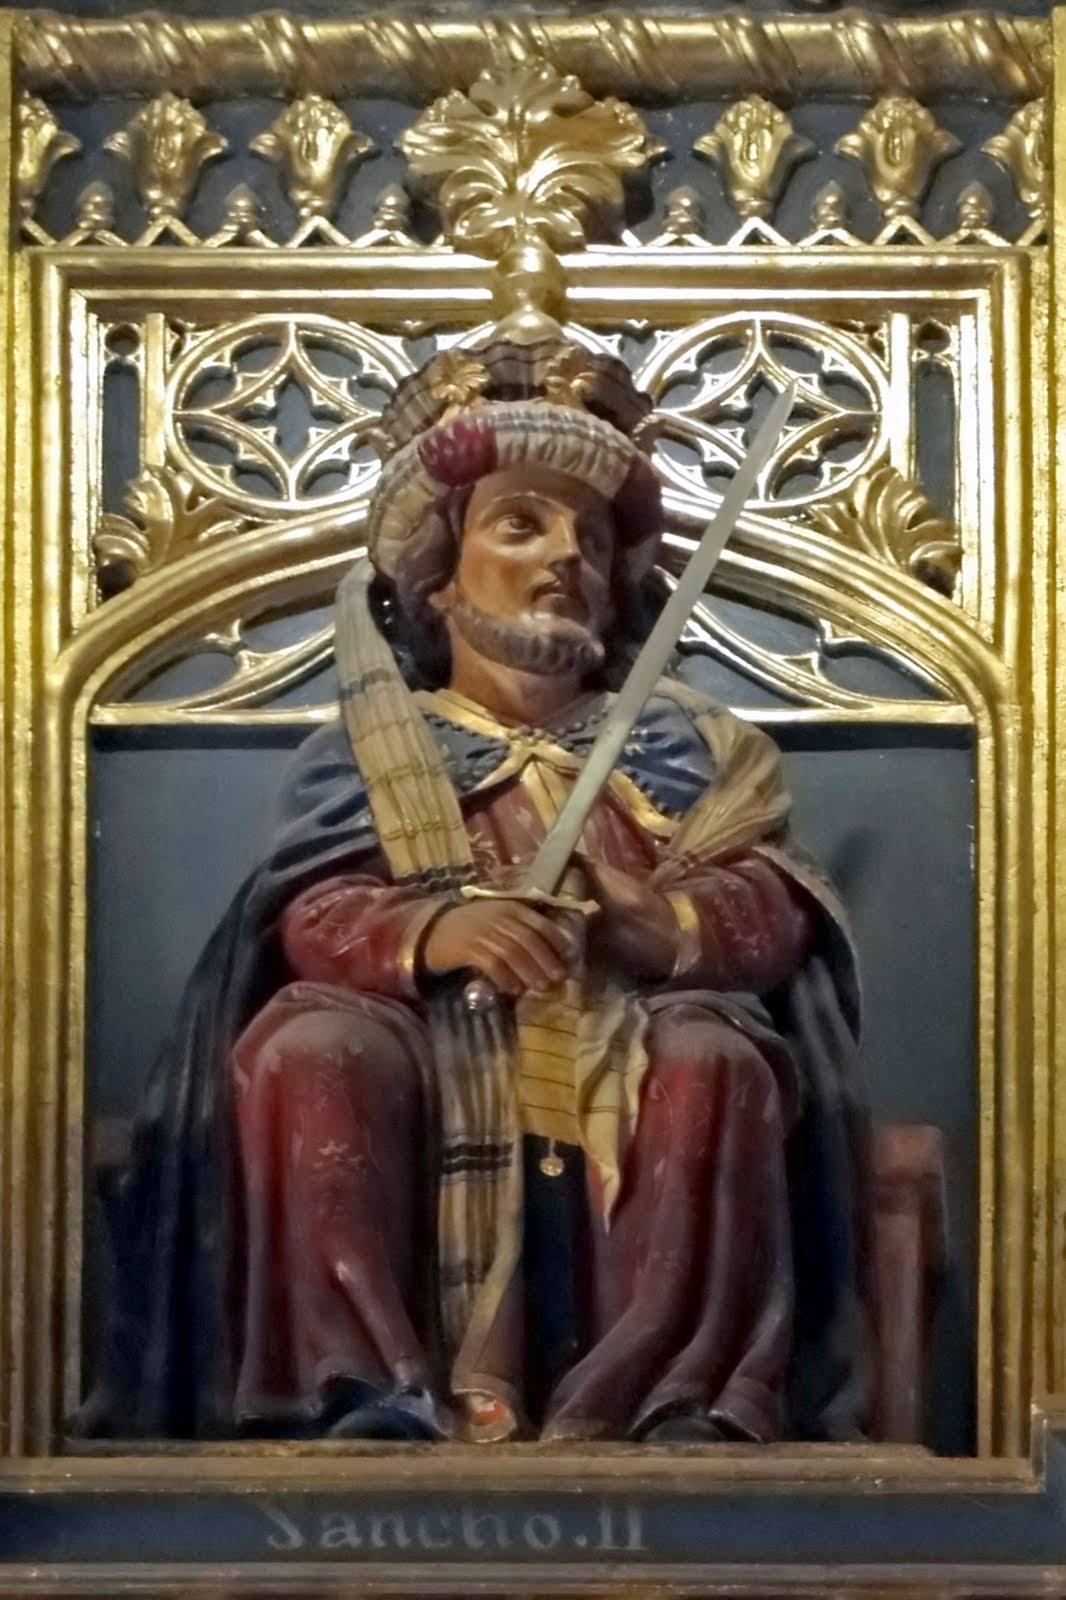 El rey de la habana clip 1 - 3 part 7